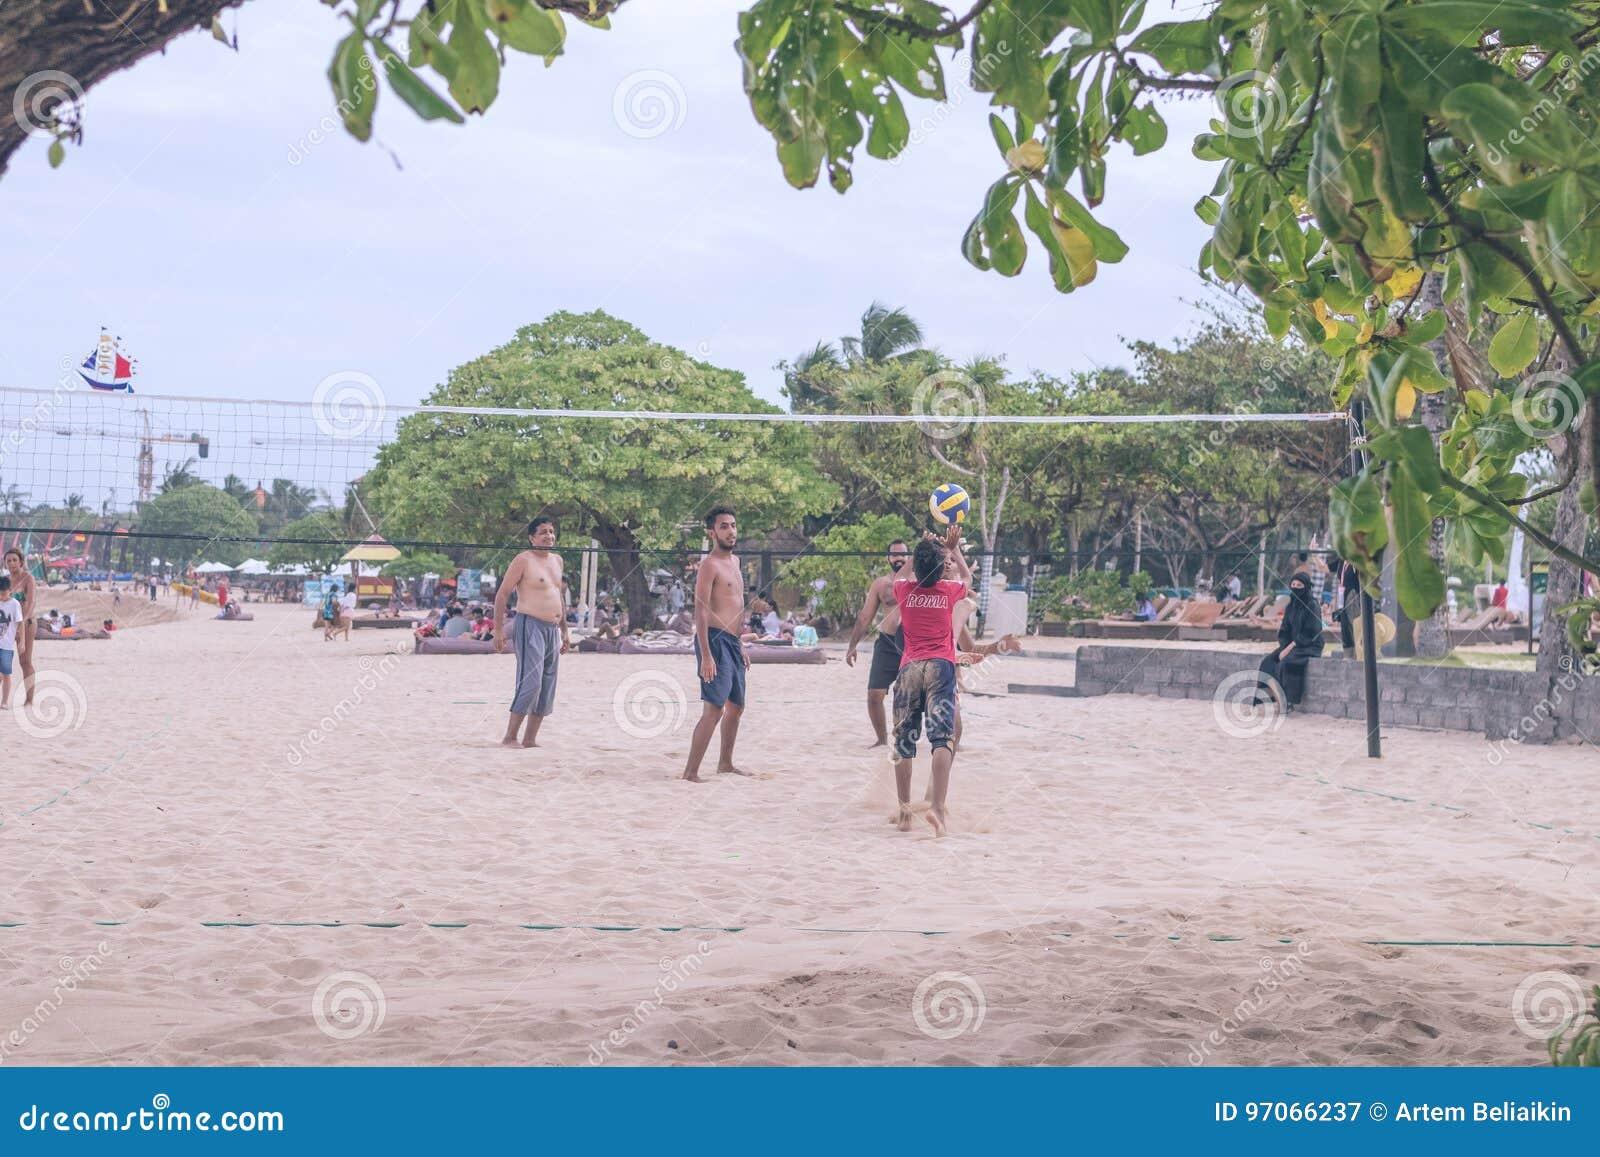 БАЛИ, ИНДОНЕЗИЯ - 27-ОЕ ИЮЛЯ 2017: Группа в составе друзья играя пляжный волейбол - группу людей Мульти-этик имея потеху на